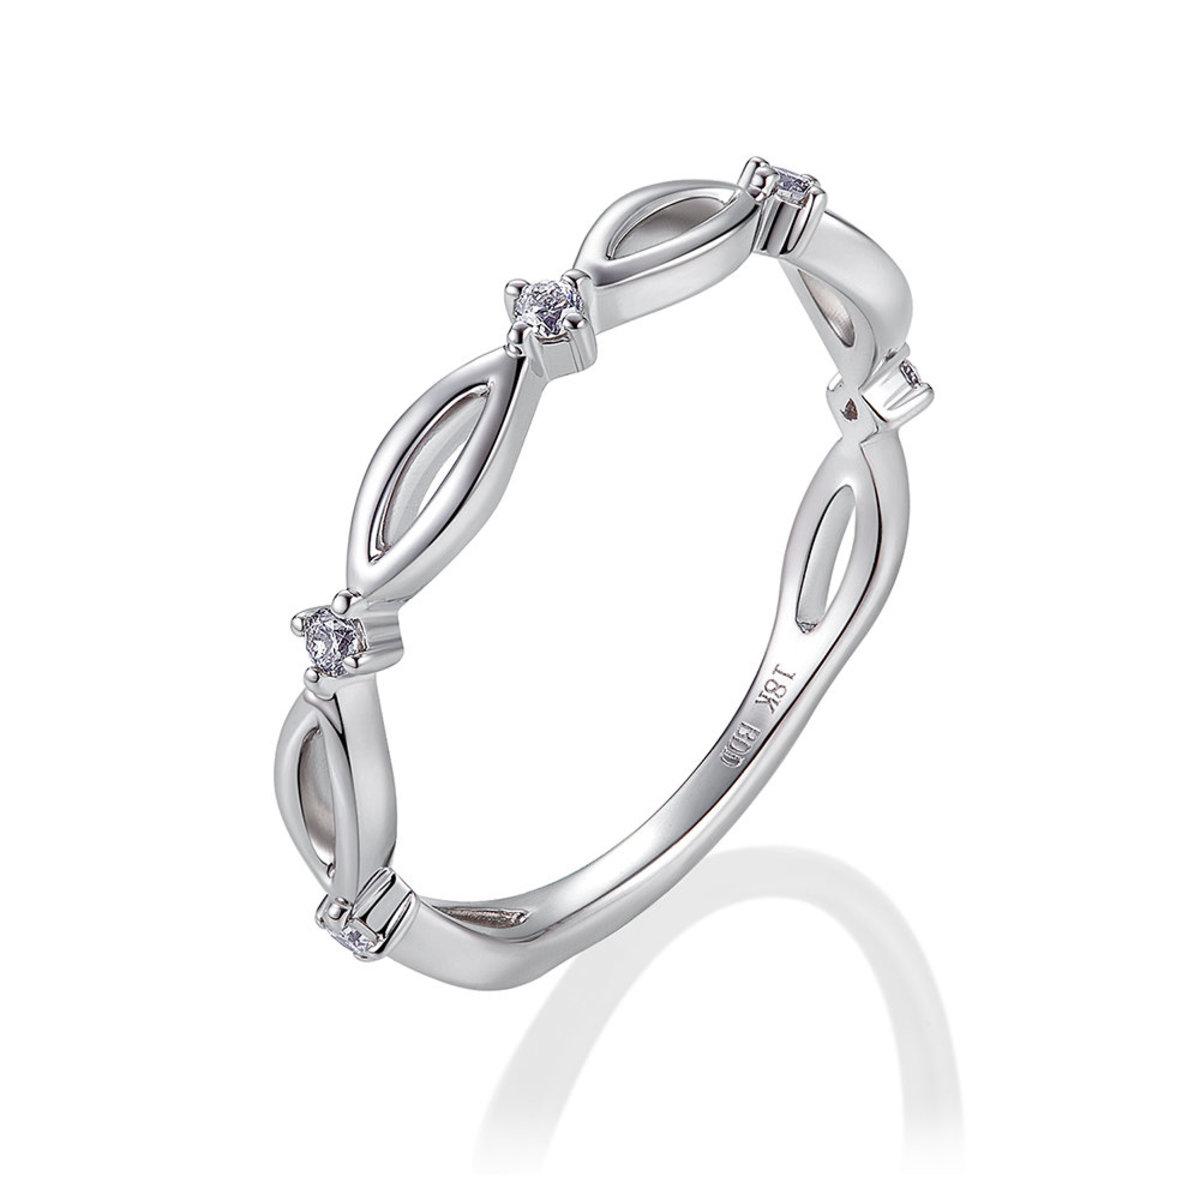 18K白金鑽石戒指(0.08克拉總重量)